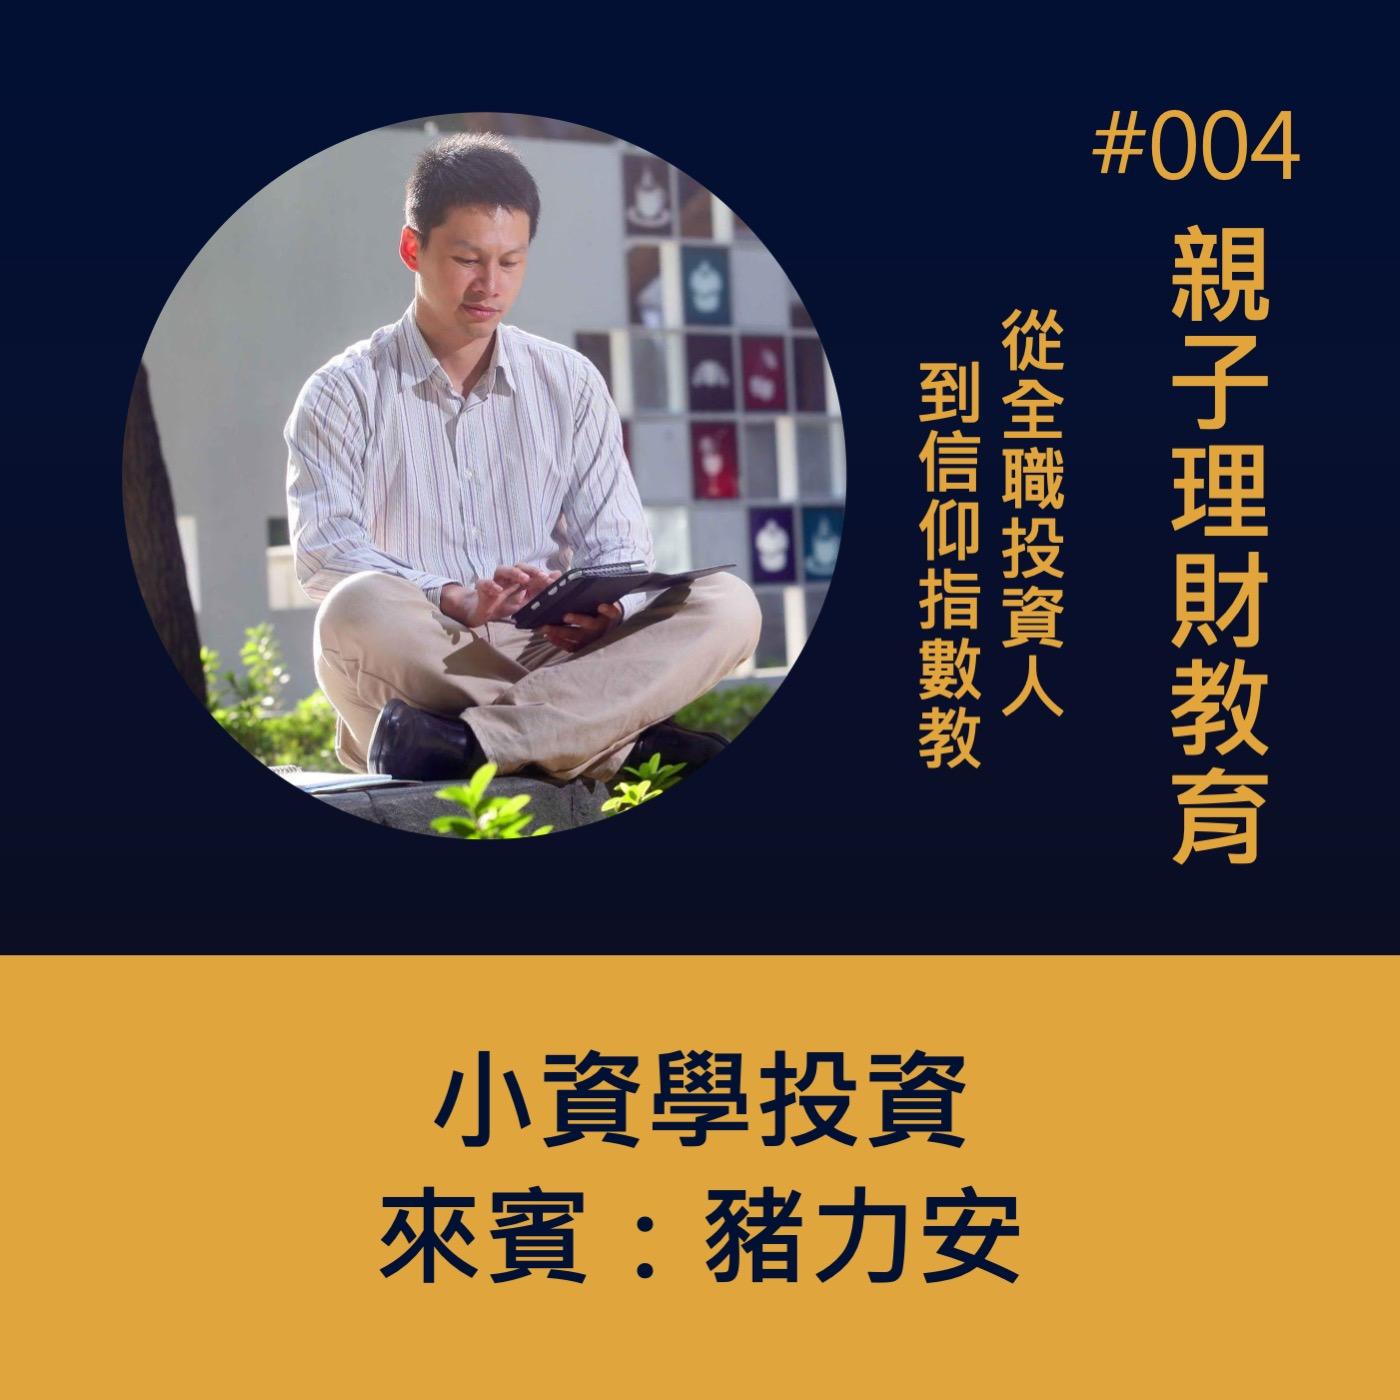 #004 【理財教育】指數傳教士豬力安的親子理財課